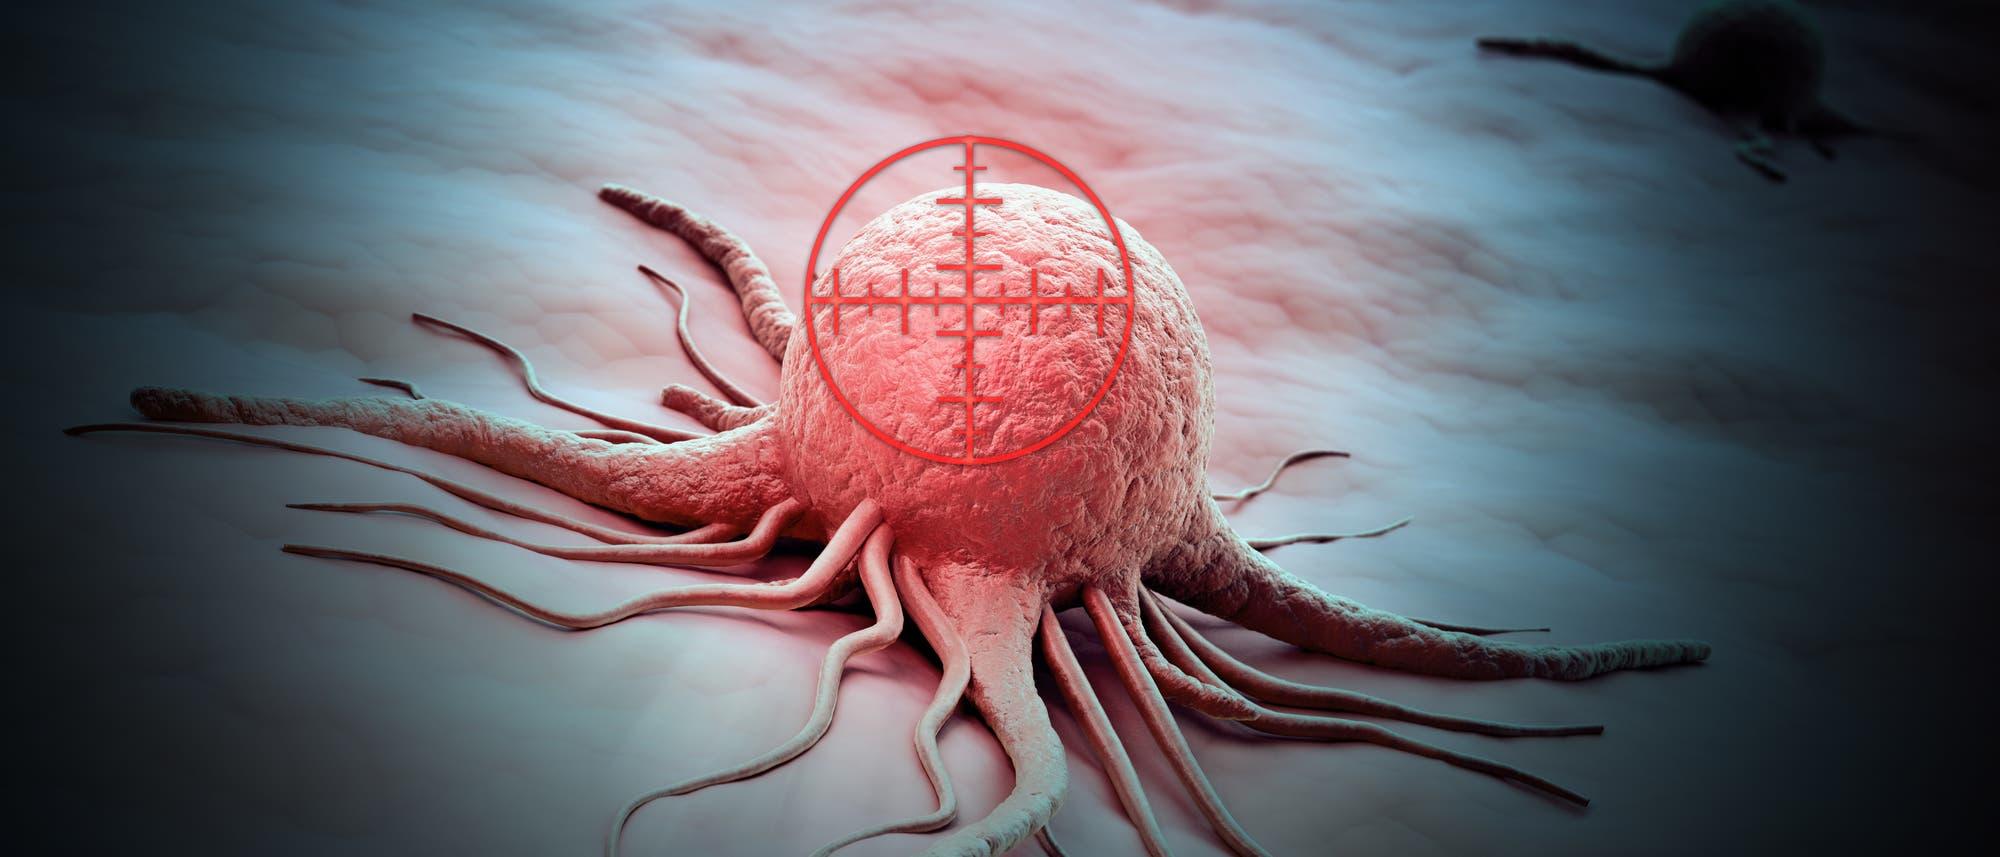 Krebszelle im Fadenkreuz